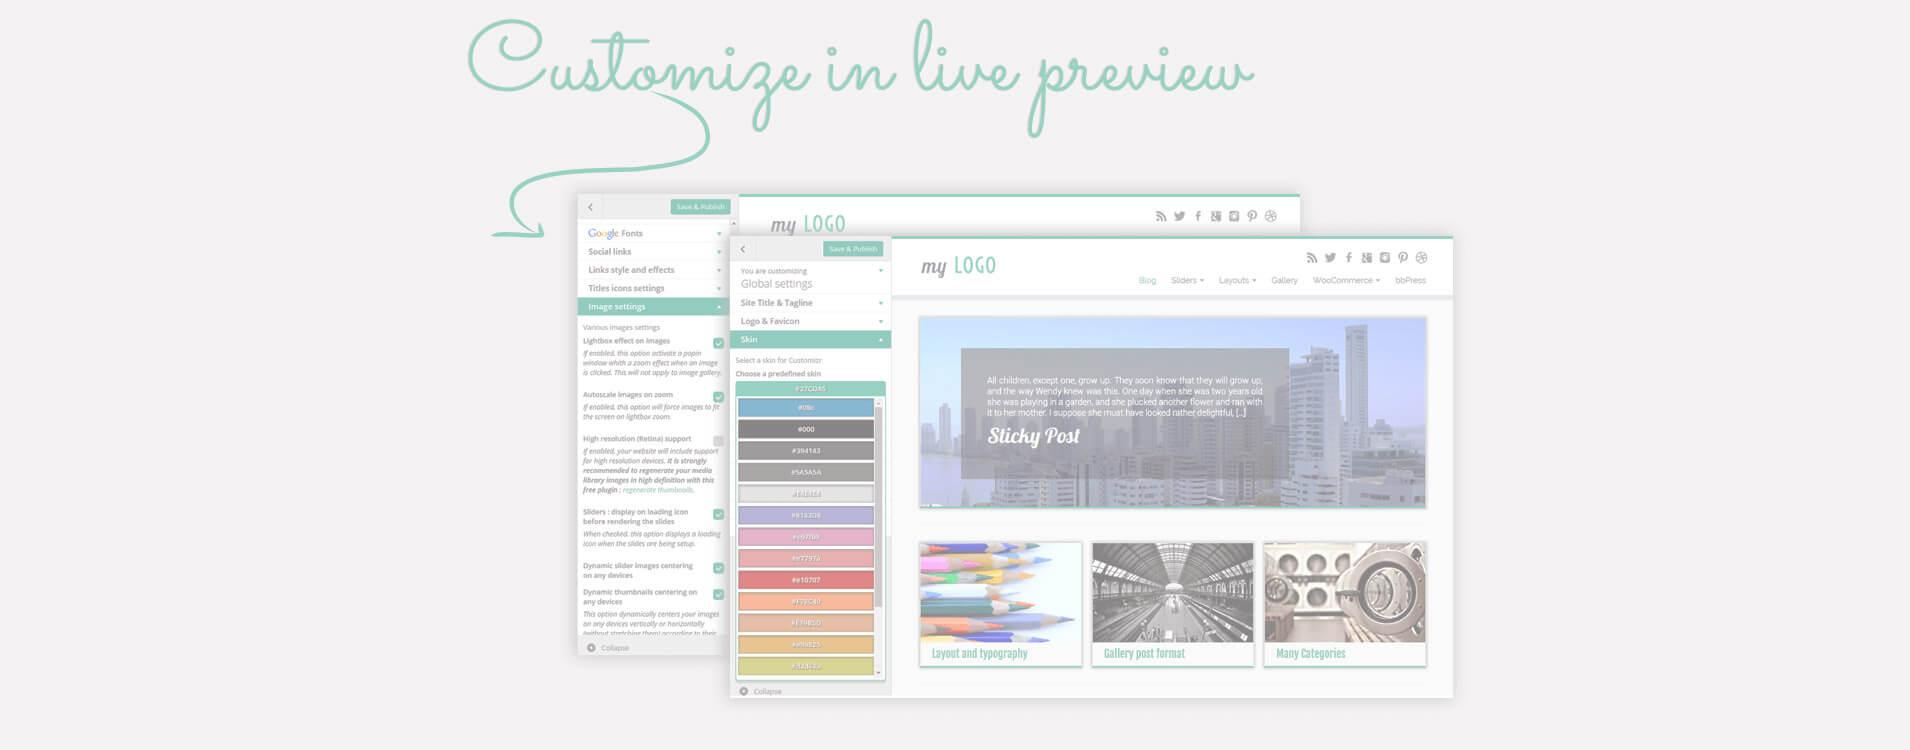 在WordPress中的個性化定制中很多樣式和設計選項都可用,等著看您的網站成果啦!